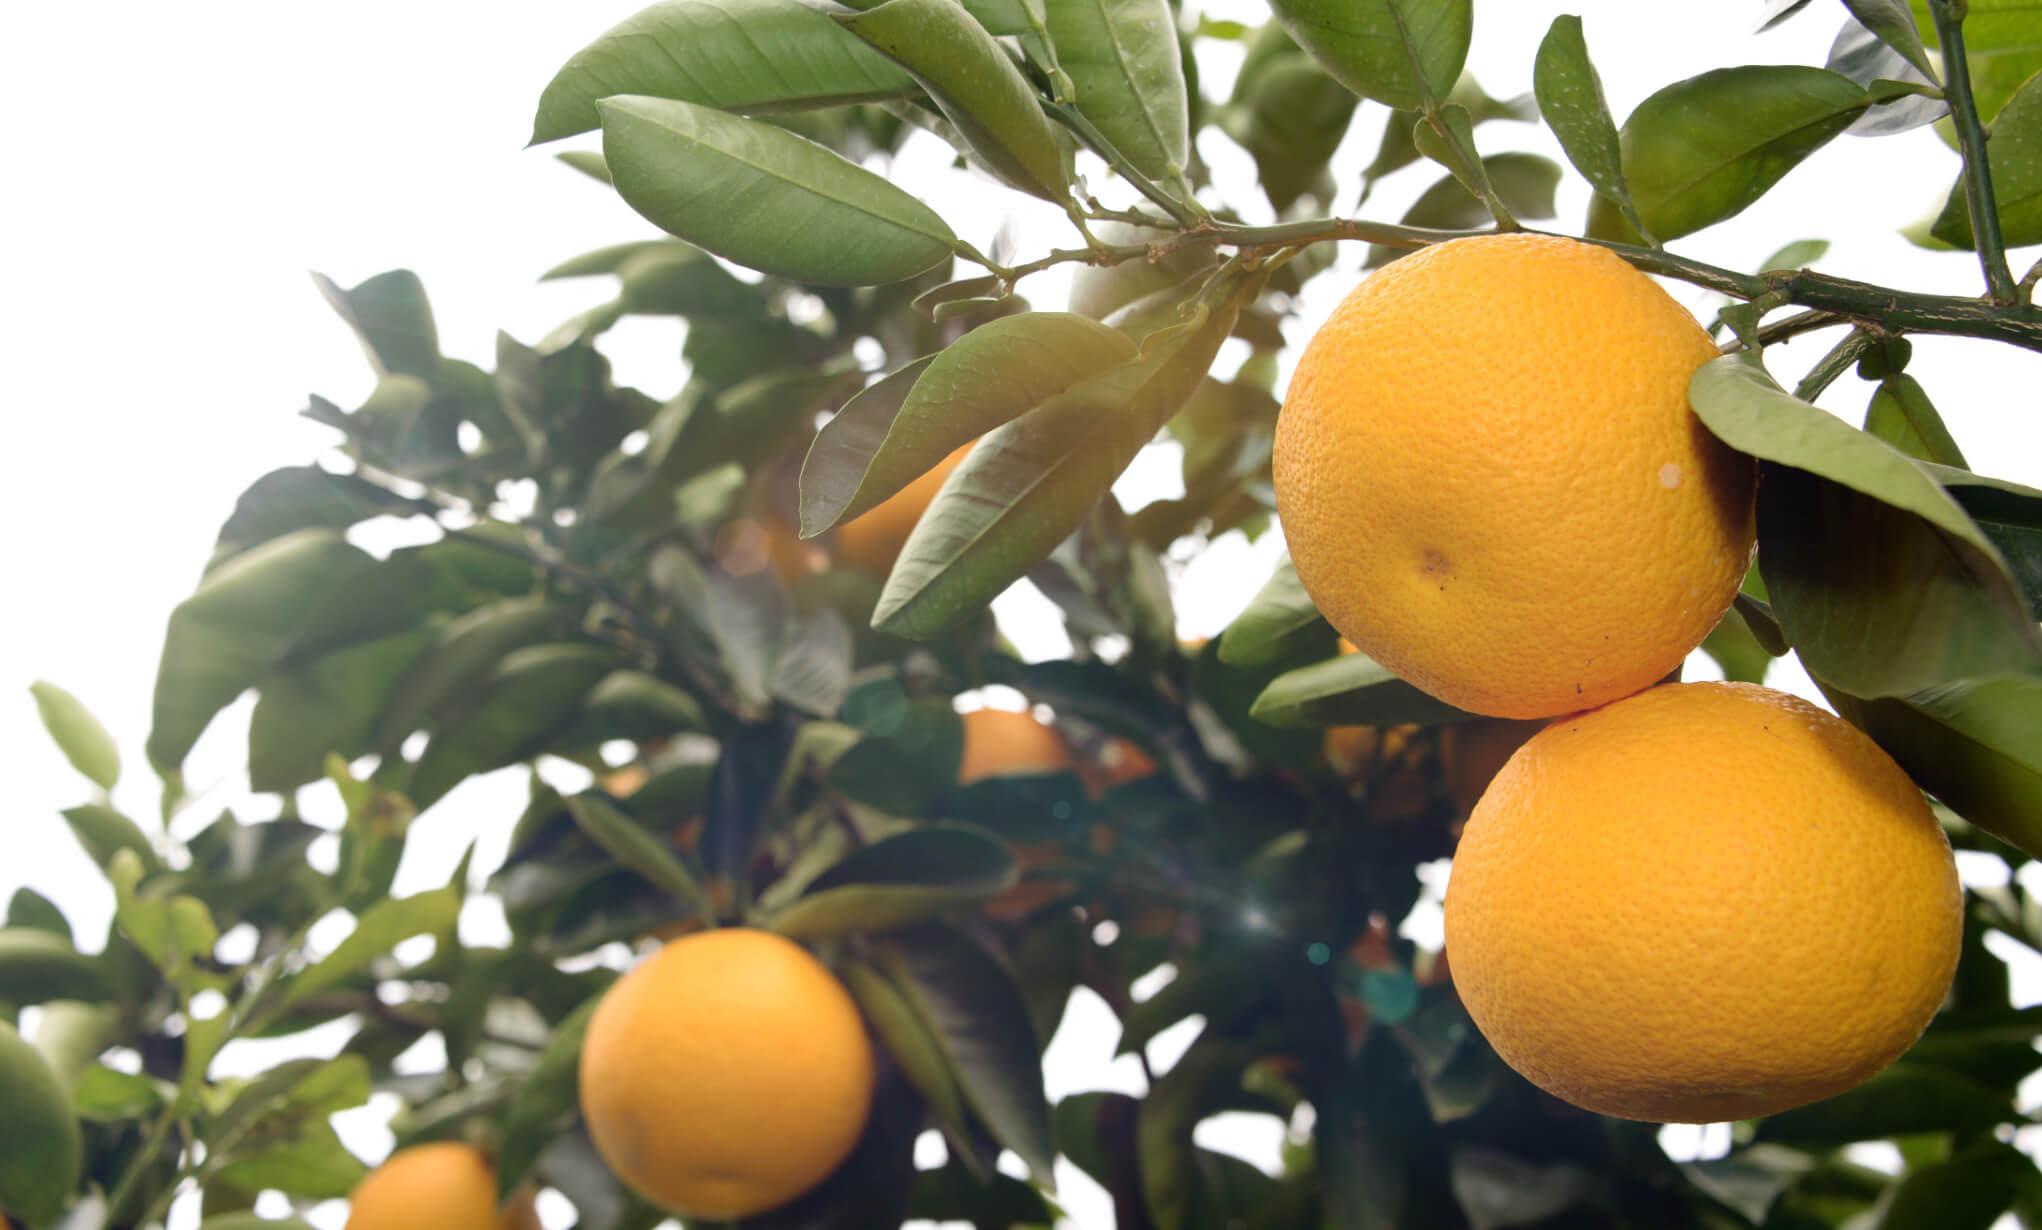 一部の柑橘類の果皮に含まれるオーラプテンには様々な効能が